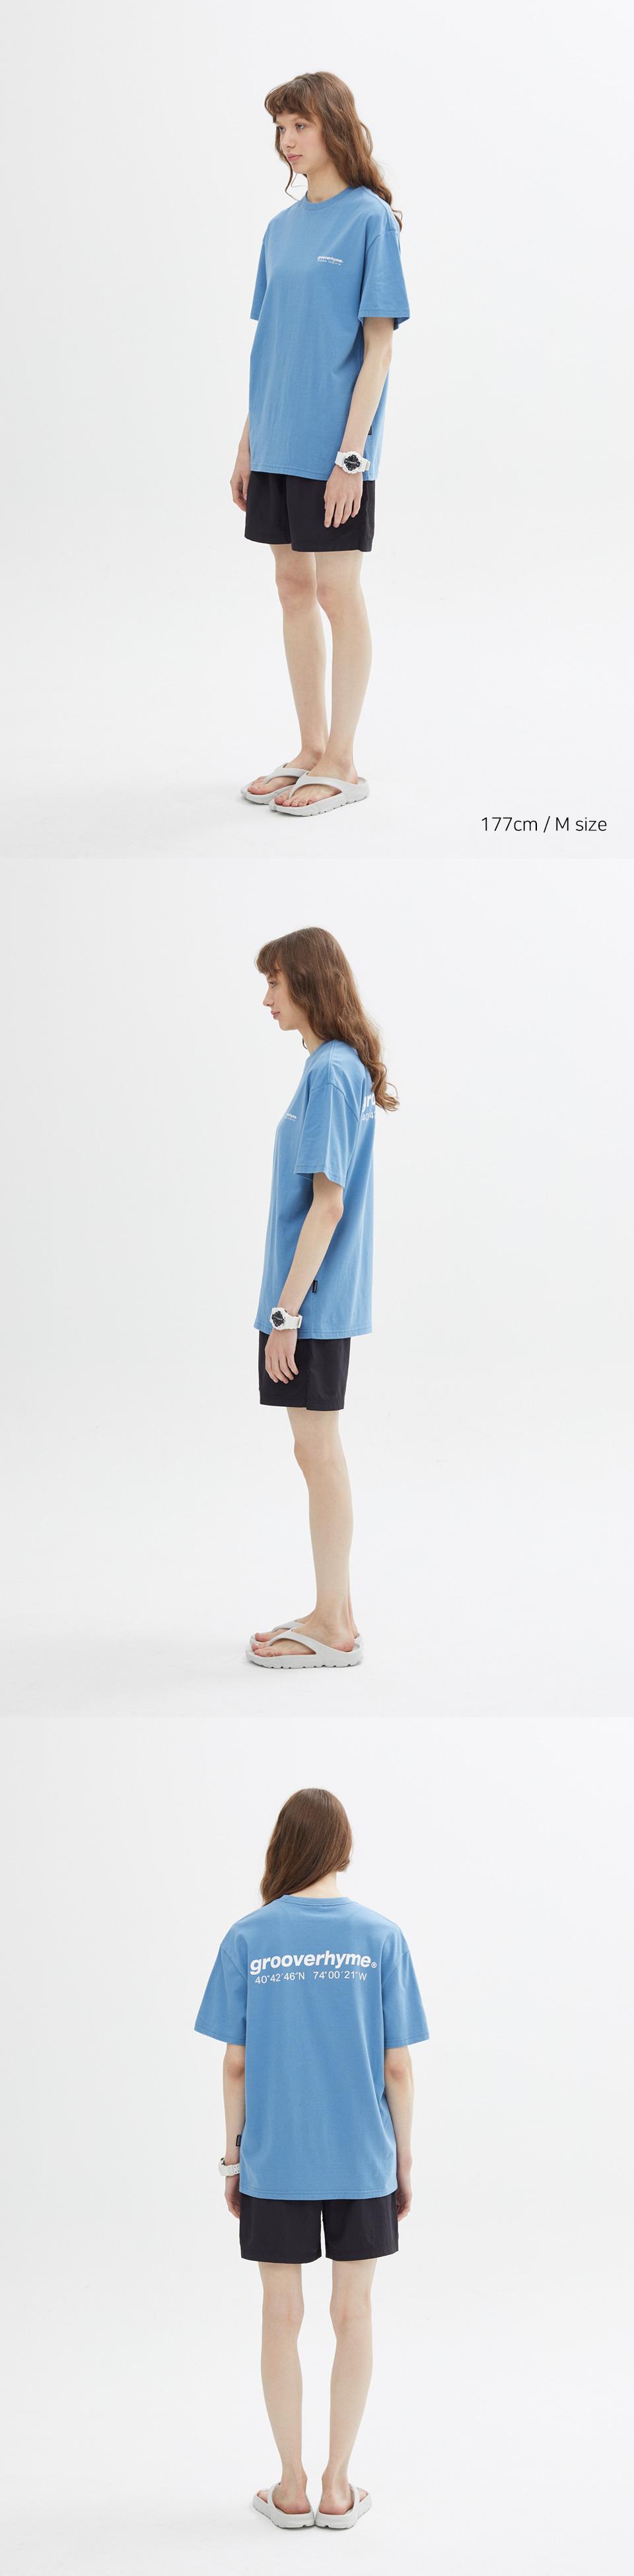 그루브라임(GROOVE RHYME) [패키지] UTILITY TASLAN SHORT PANTS (9 COLORS) [LRPMCPH702M]